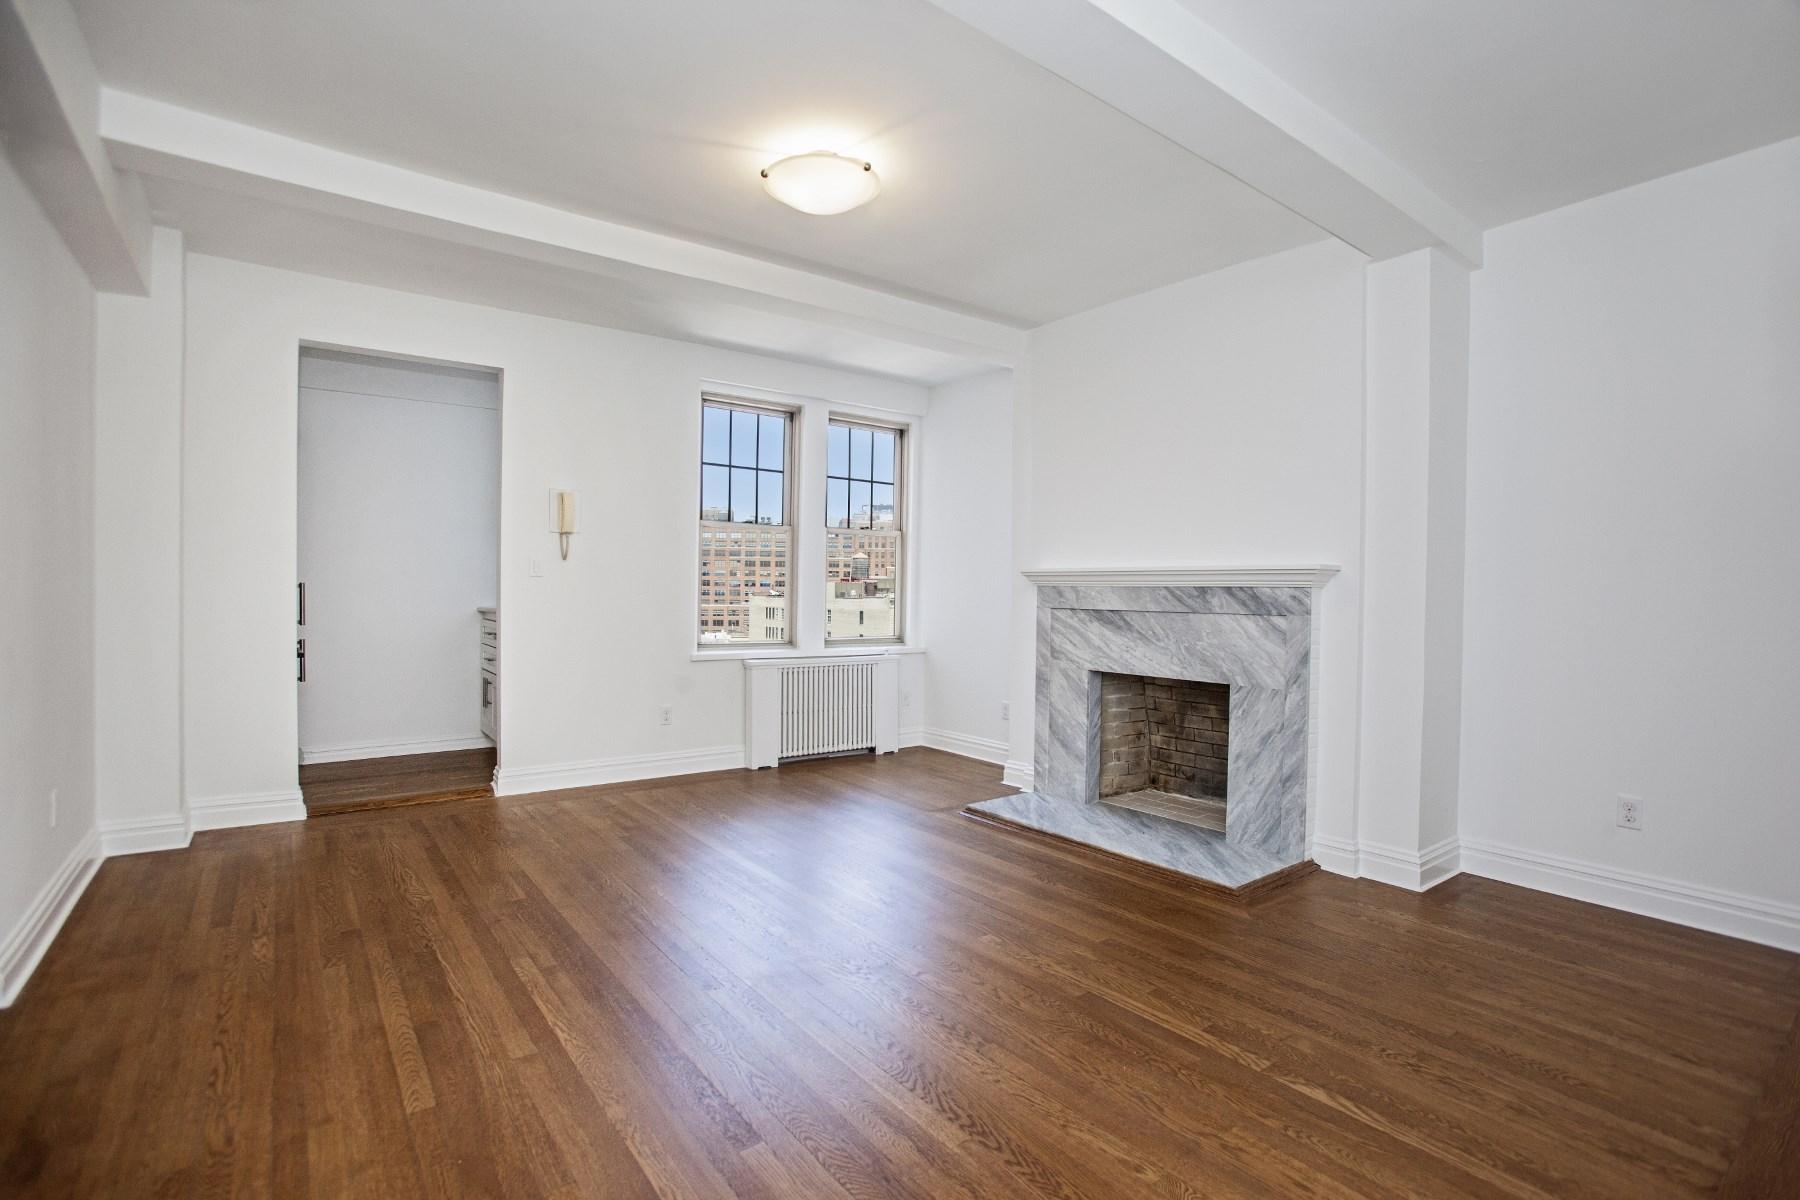 Kat Mülkiyeti için Satış at 299 West 12th Street 299 West 12th Street Apt 16a West Village, New York, New York 10011 Amerika Birleşik Devletleri